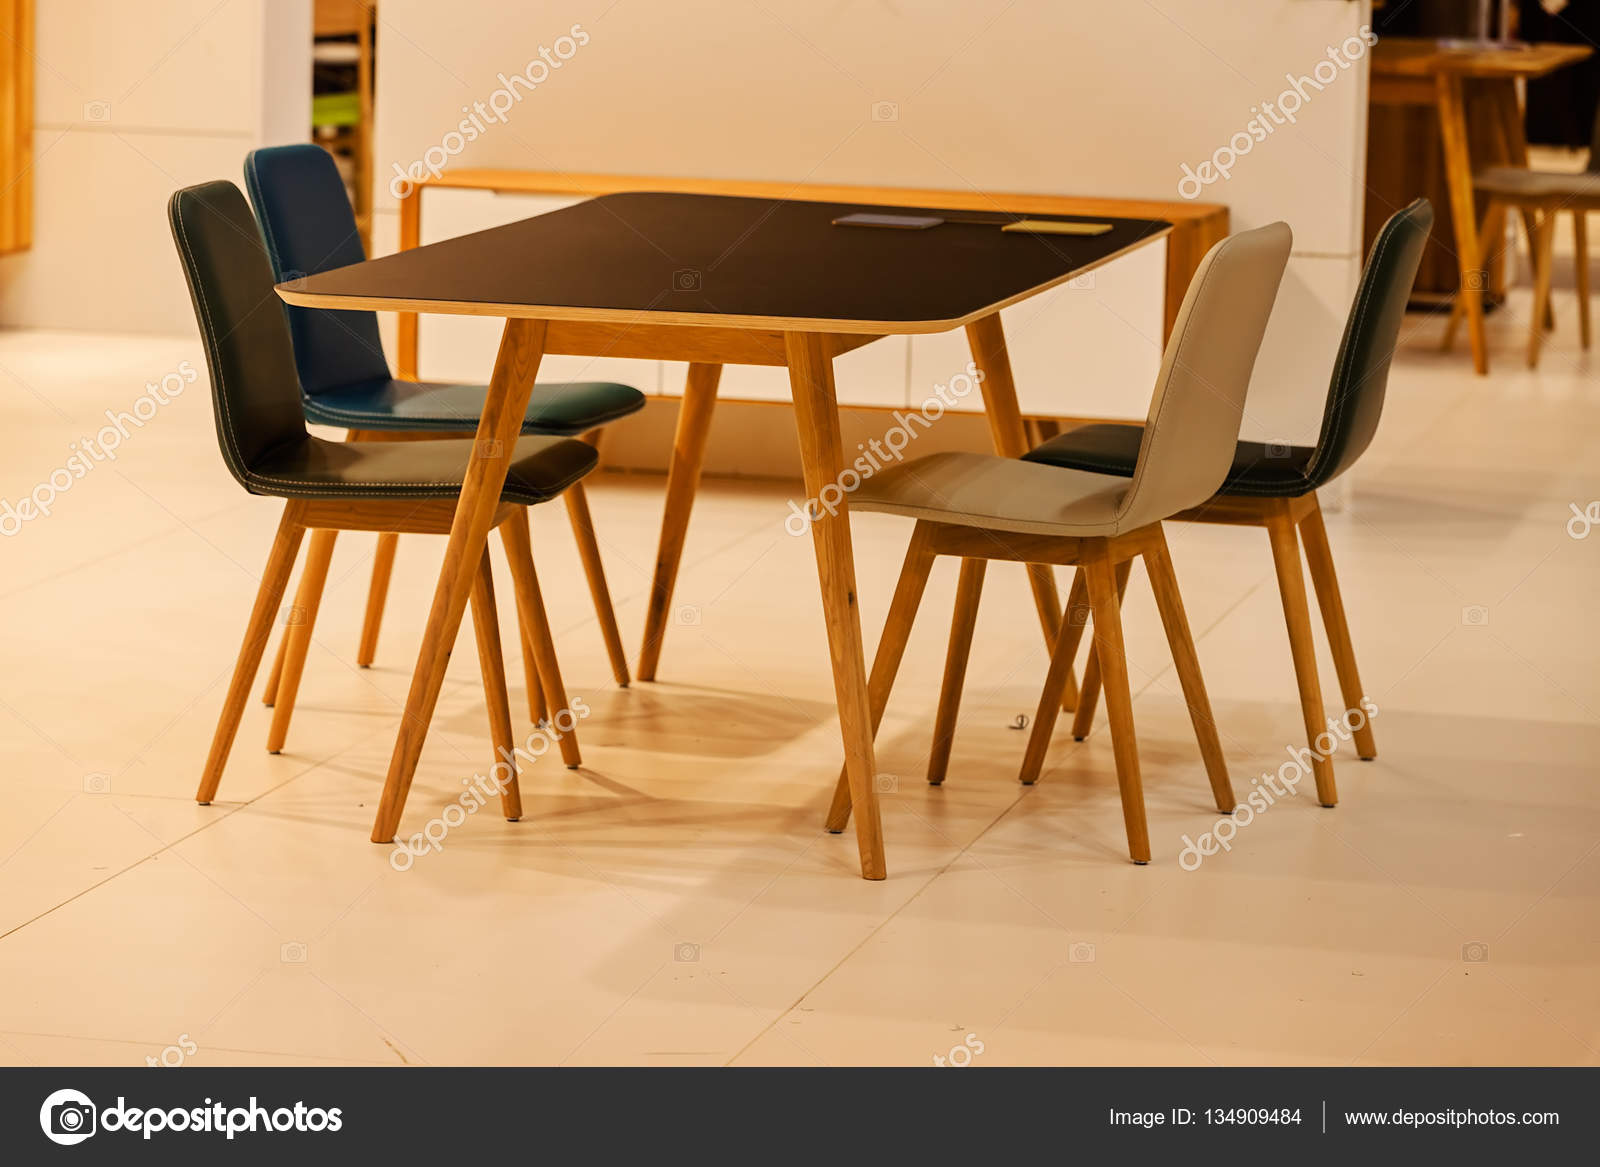 Modello di sedia da cucina u2014 foto stock © vladimirnenezic #134909484